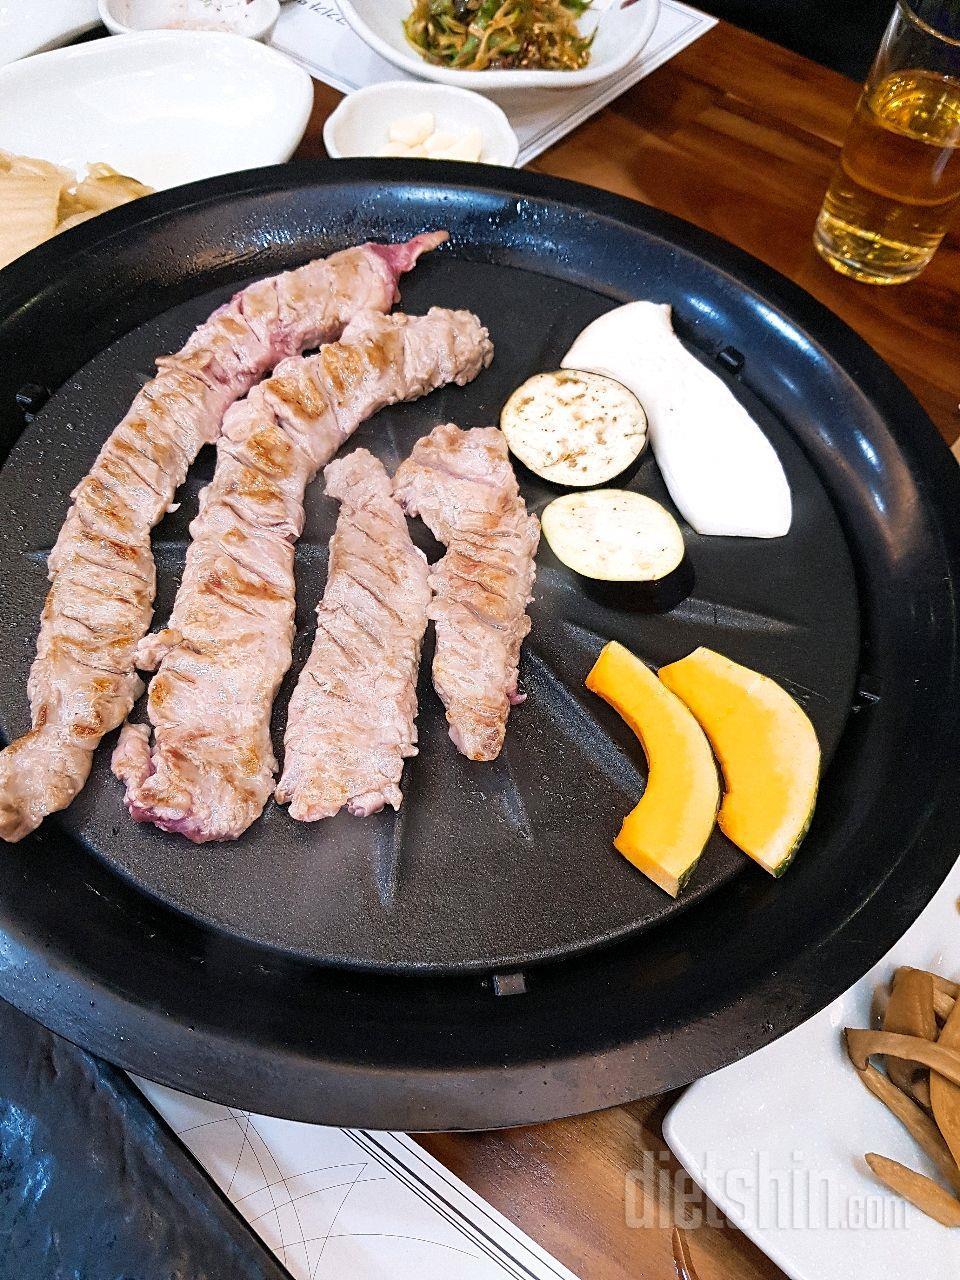 고기먹고 밥안먹기